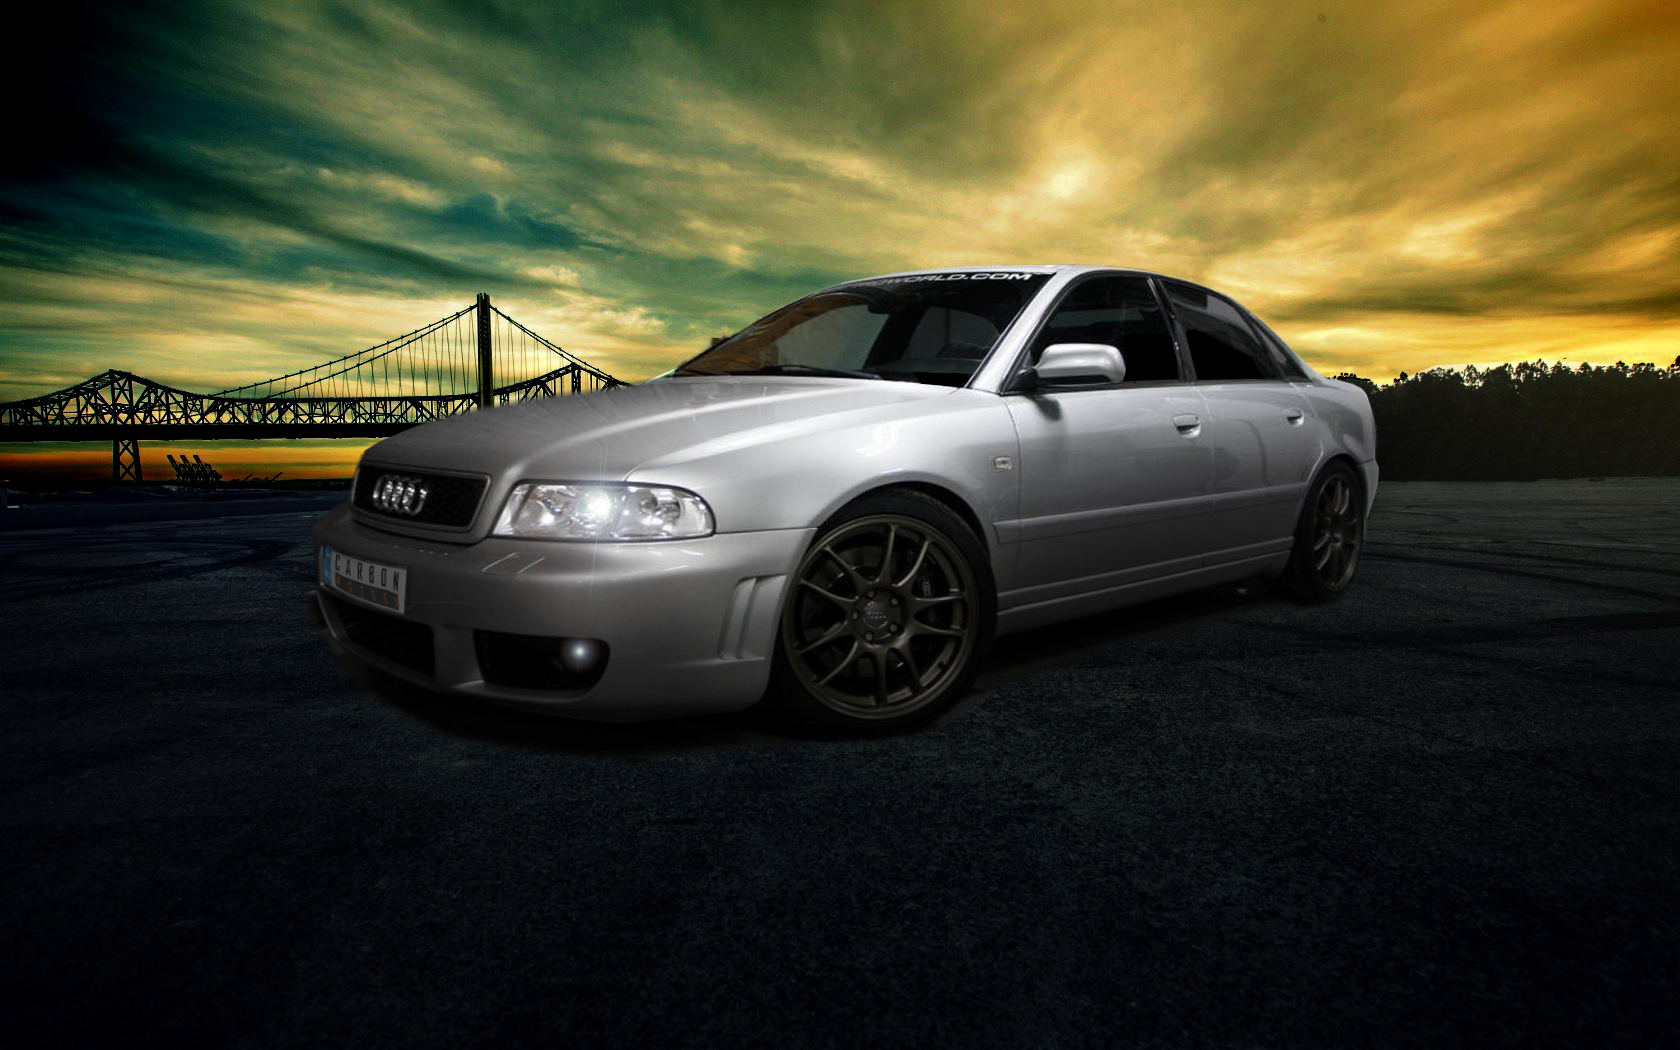 Audi rs4 b5 01